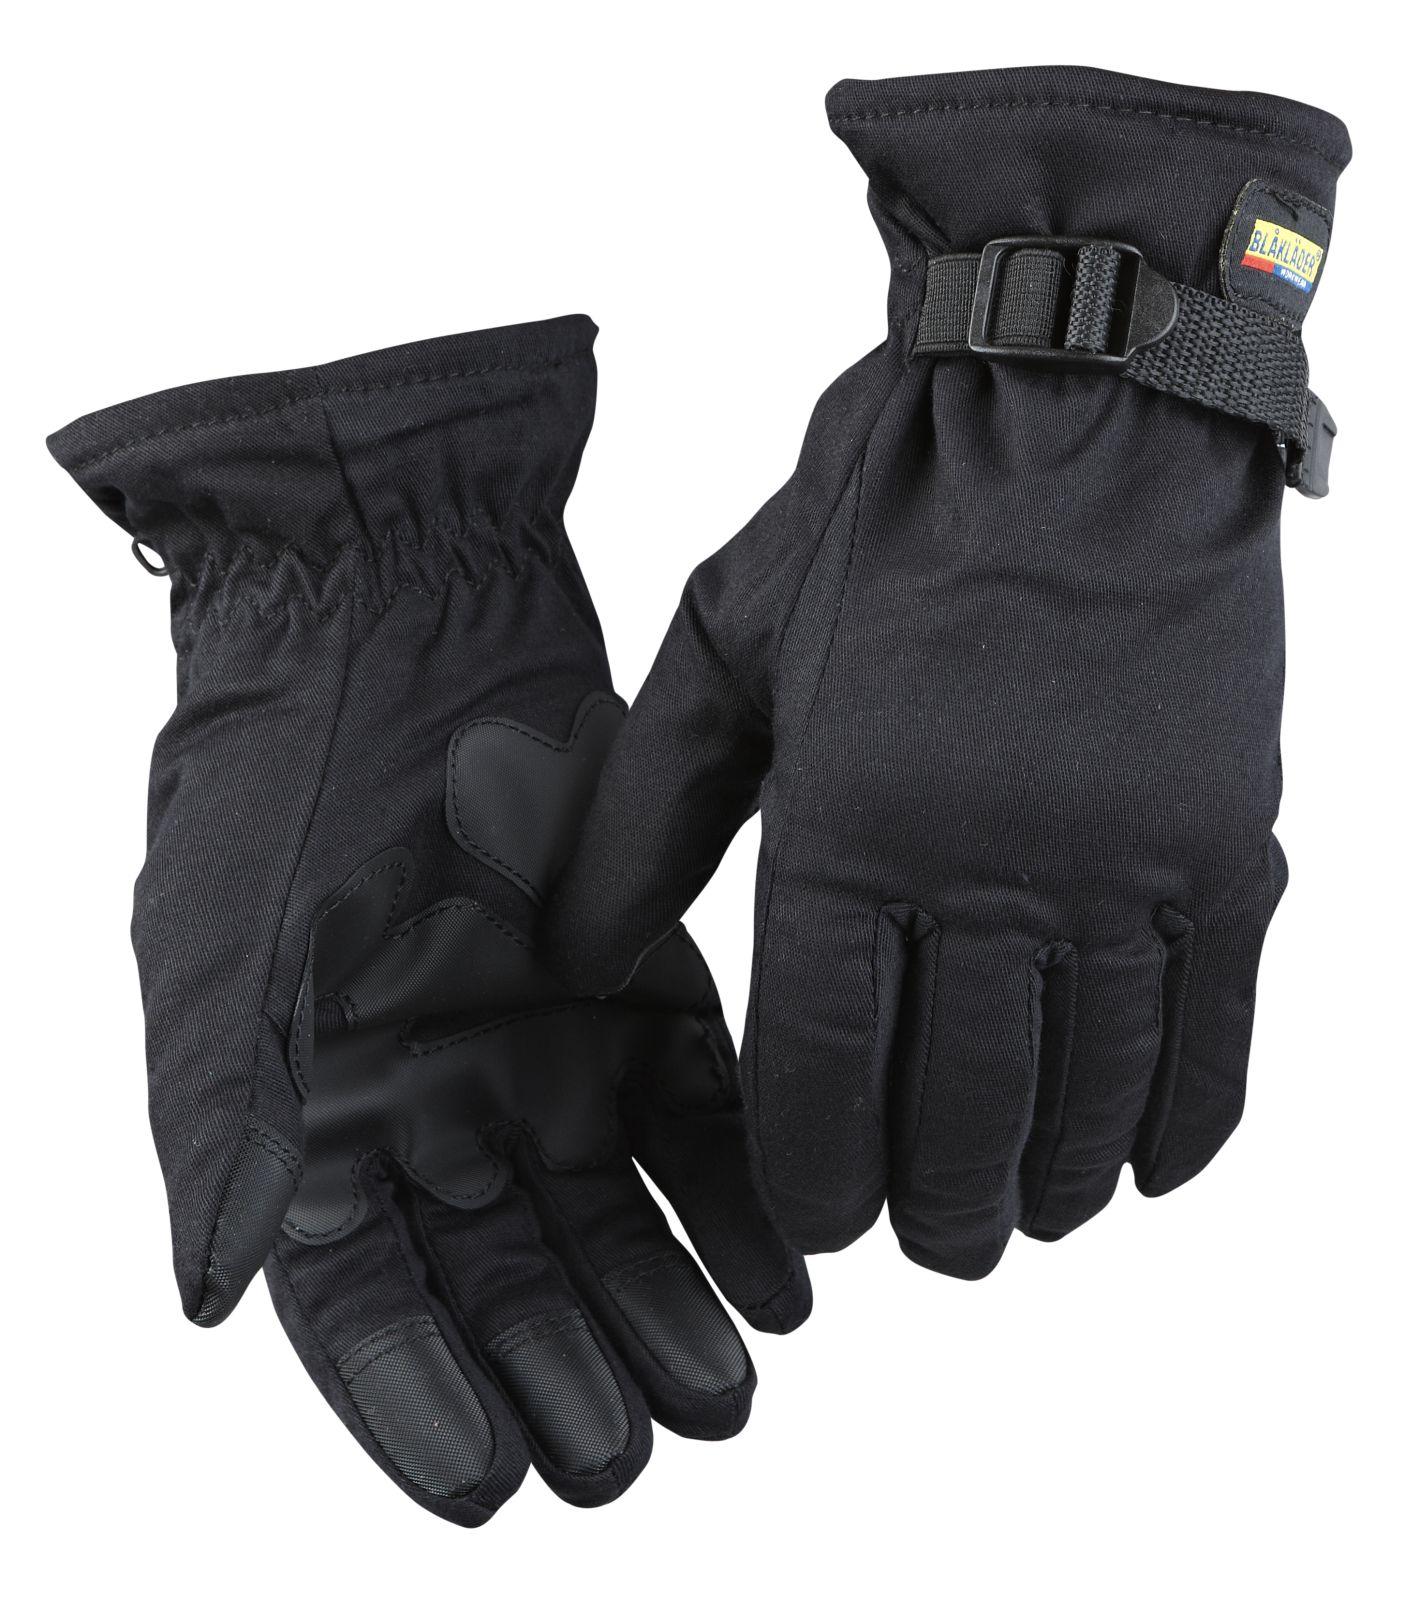 Blaklader Werkhandschoenen 22373921 zwart(9900)